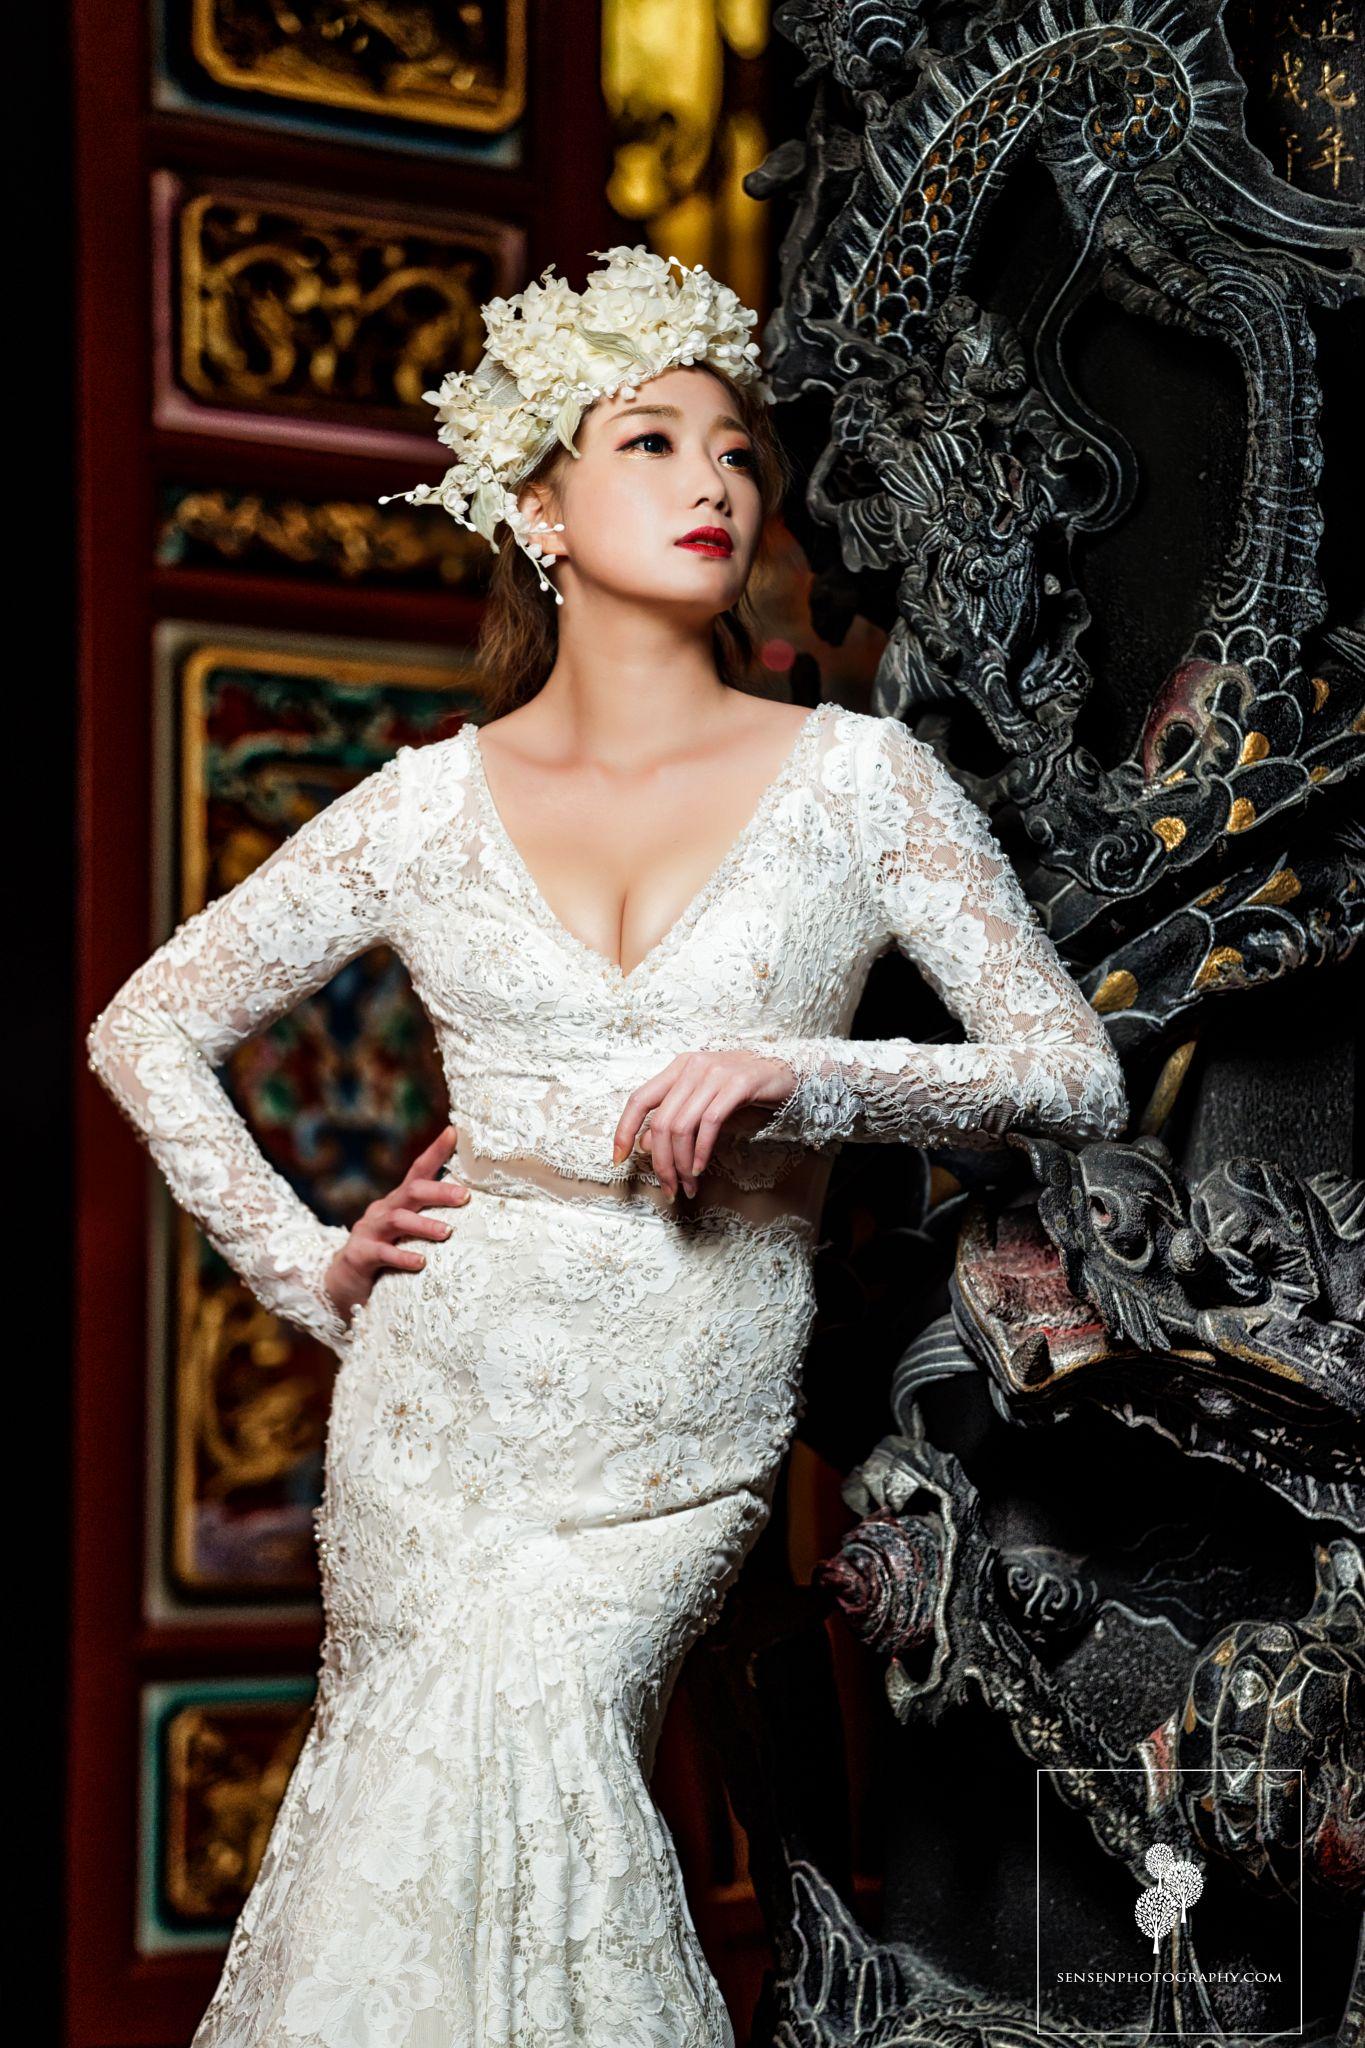 中式風格婚紗照,中國風